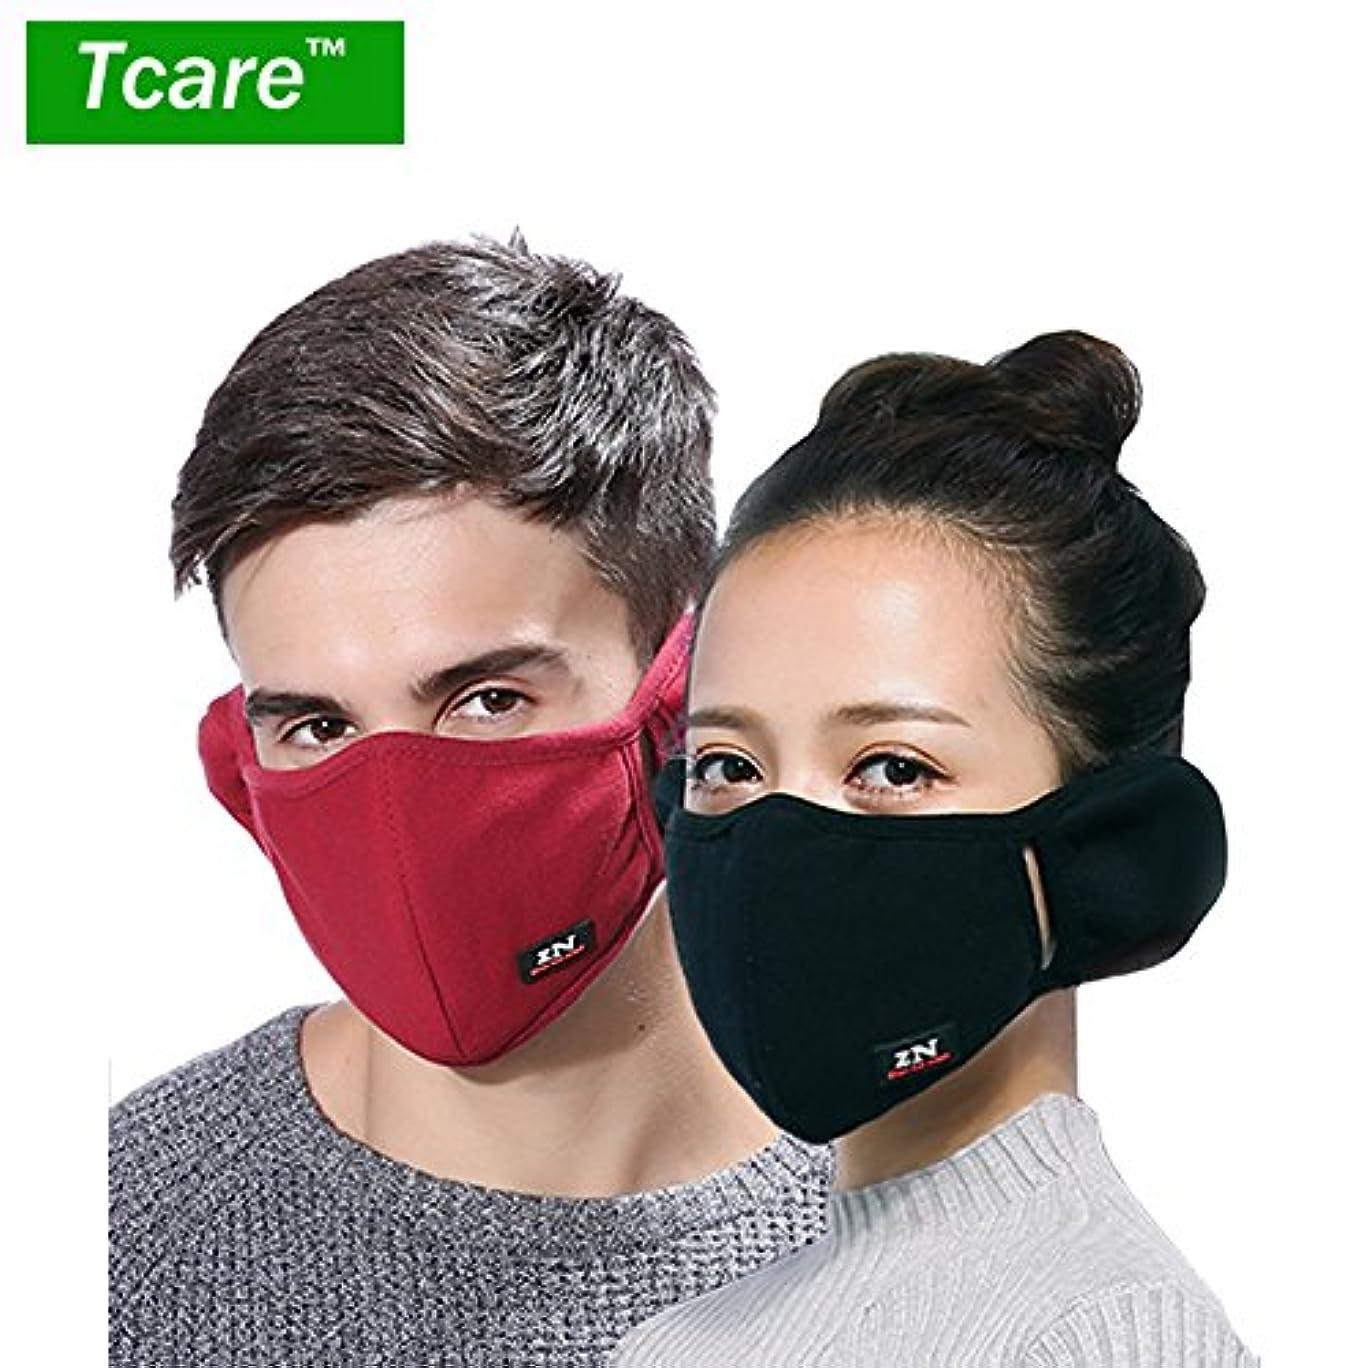 プライバシー美徳道男性女性の少年少女のためのTcare呼吸器2レイヤピュアコットン保護フィルター挿入口:2ダークグリーン